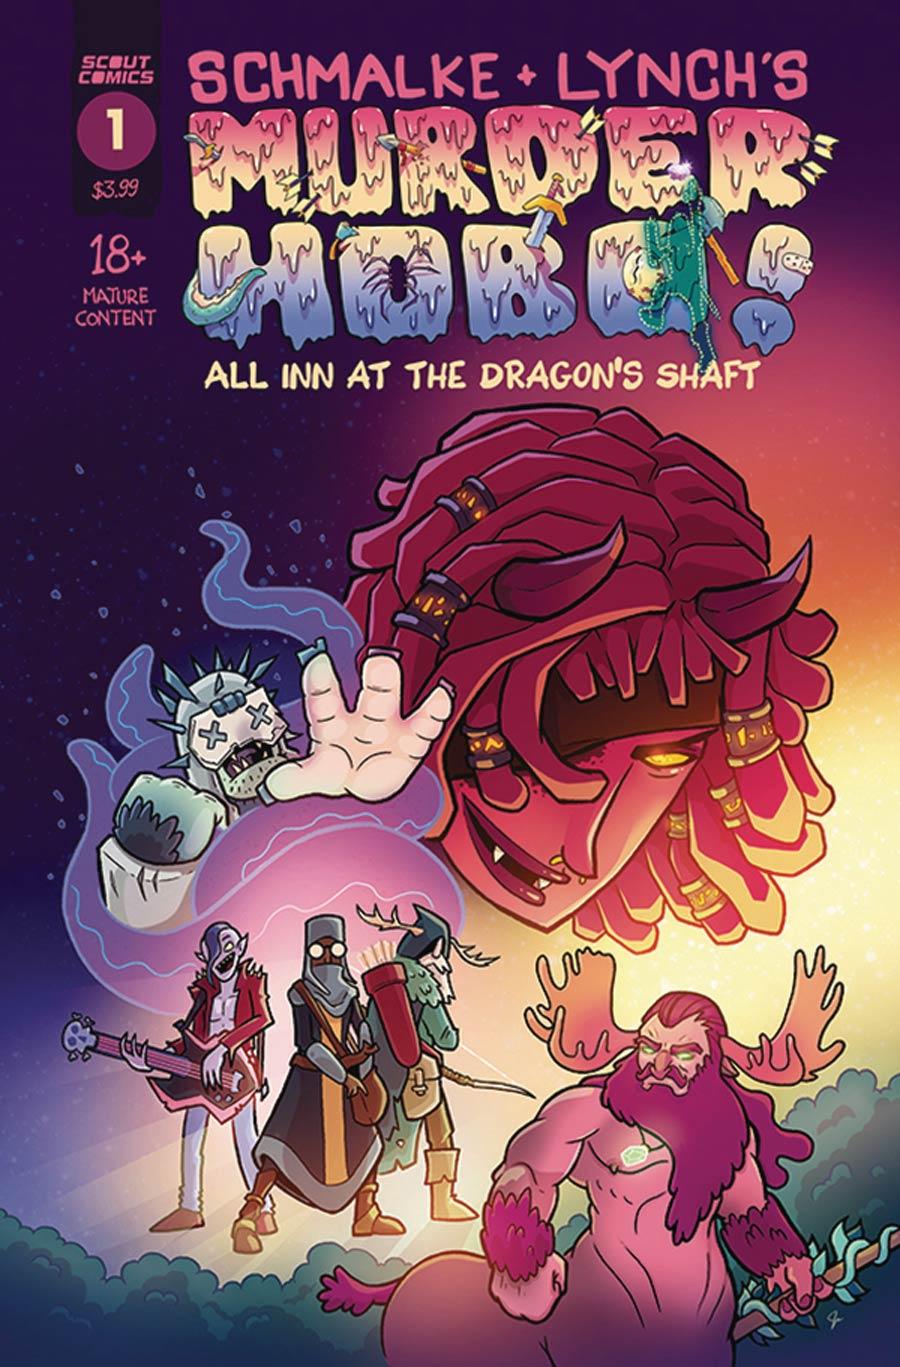 Murder Hobo All Inn At The Dragons Shaft #1 Cover A Regular Jason Lynch Cover